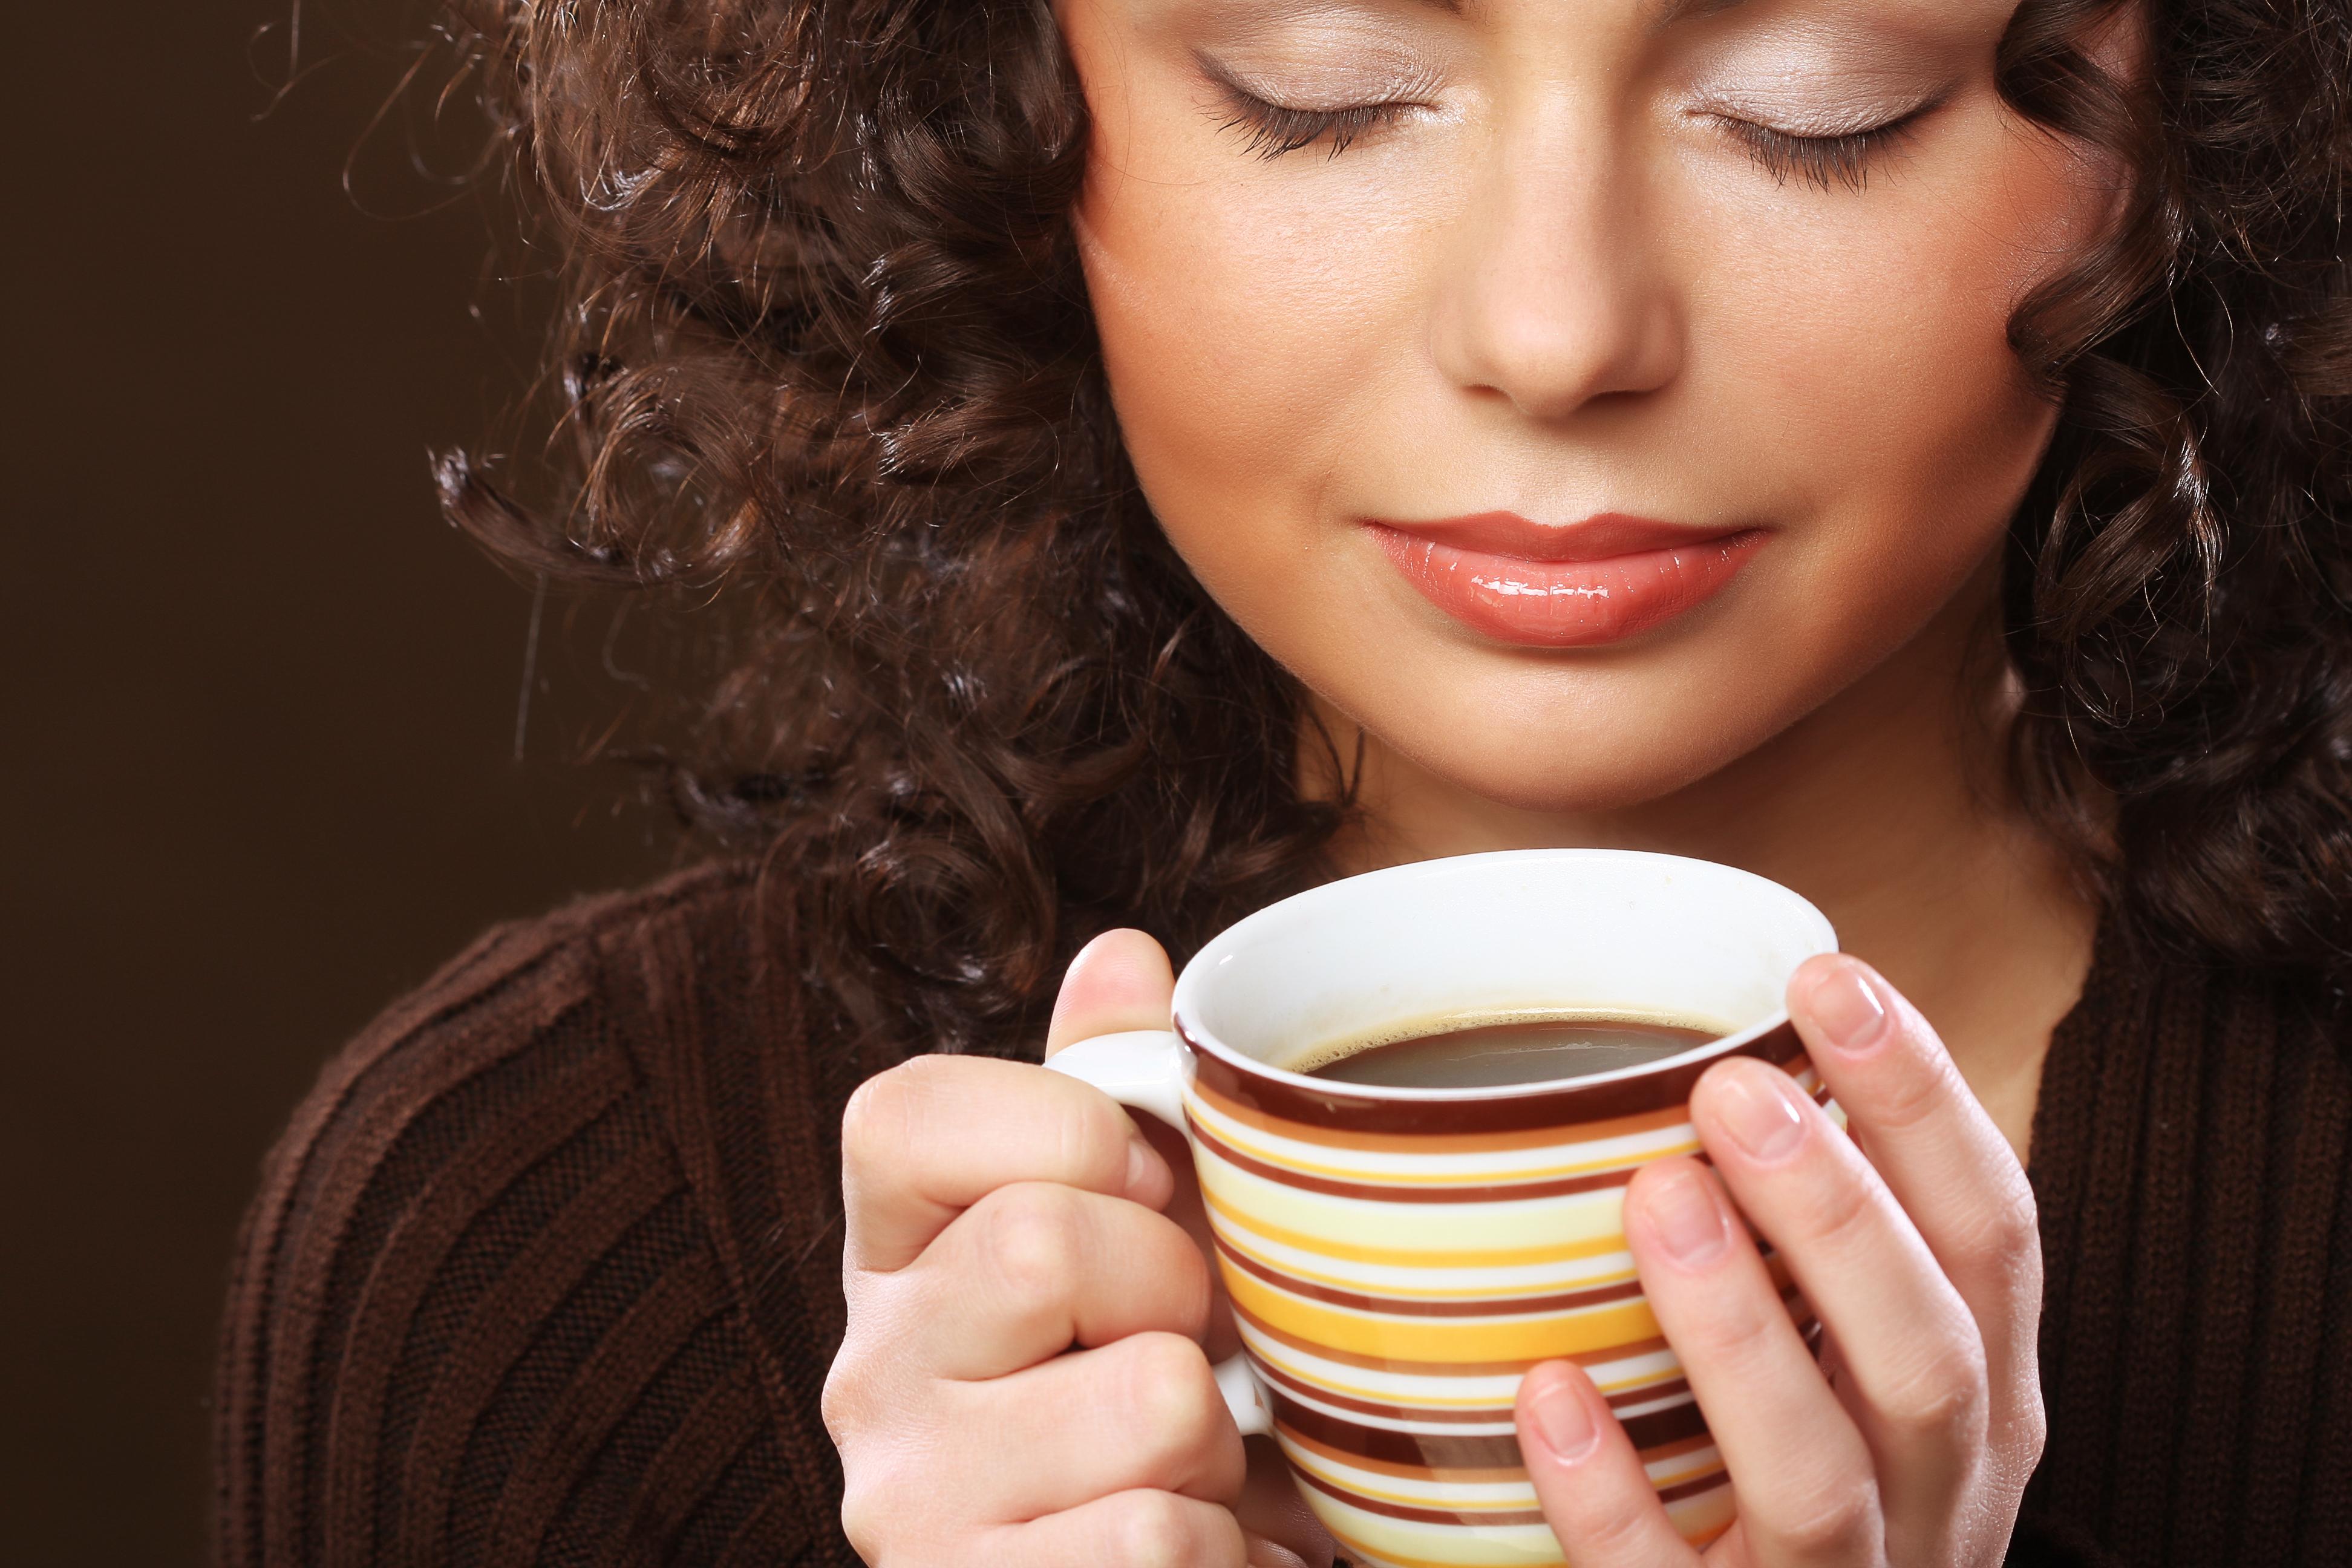 всё картинки с большой чашкой кофе для валентины число россиян исповедуют